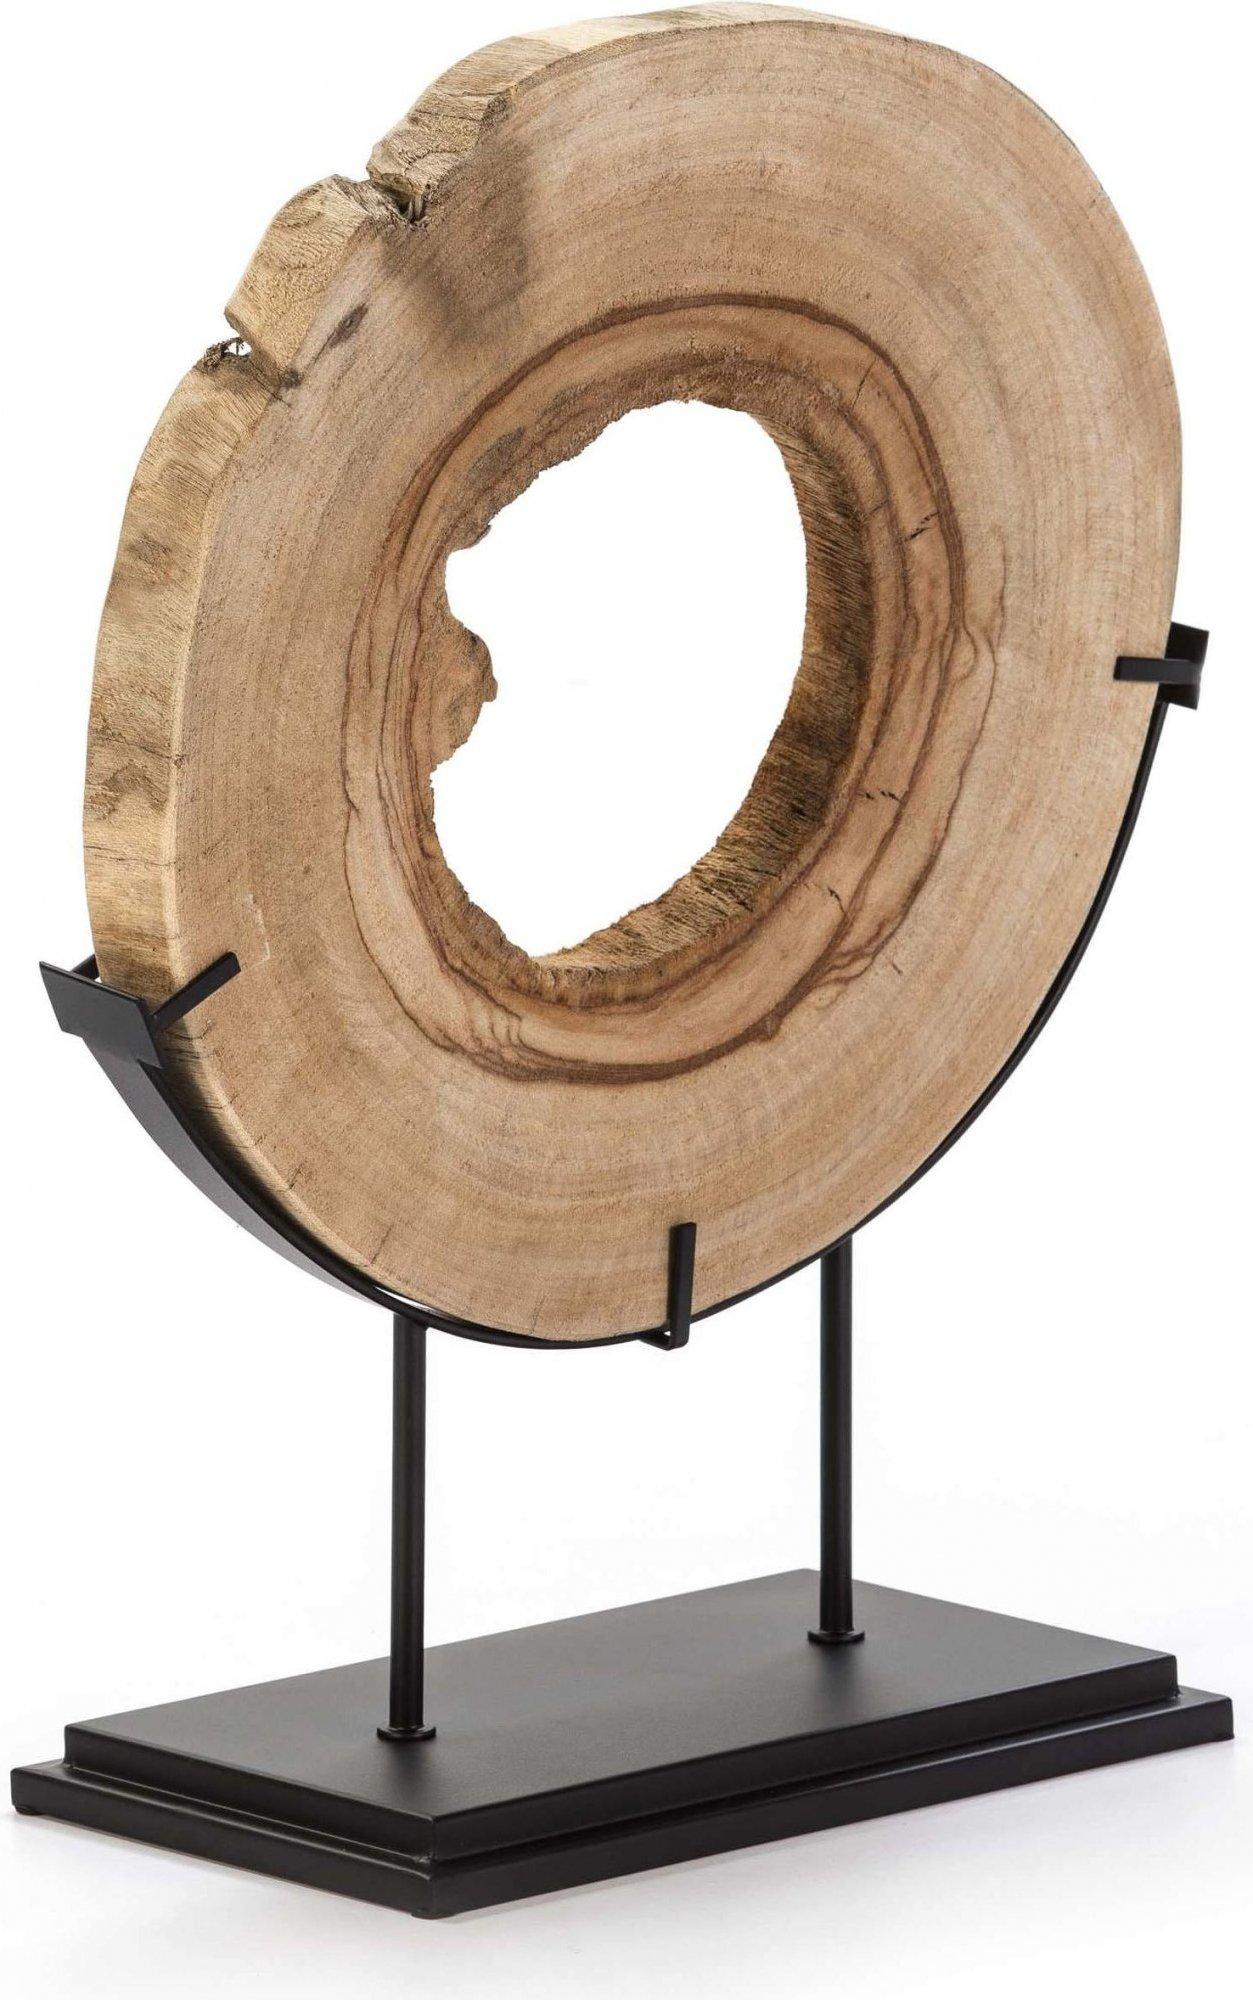 Sculpture en bois clair et métal noir